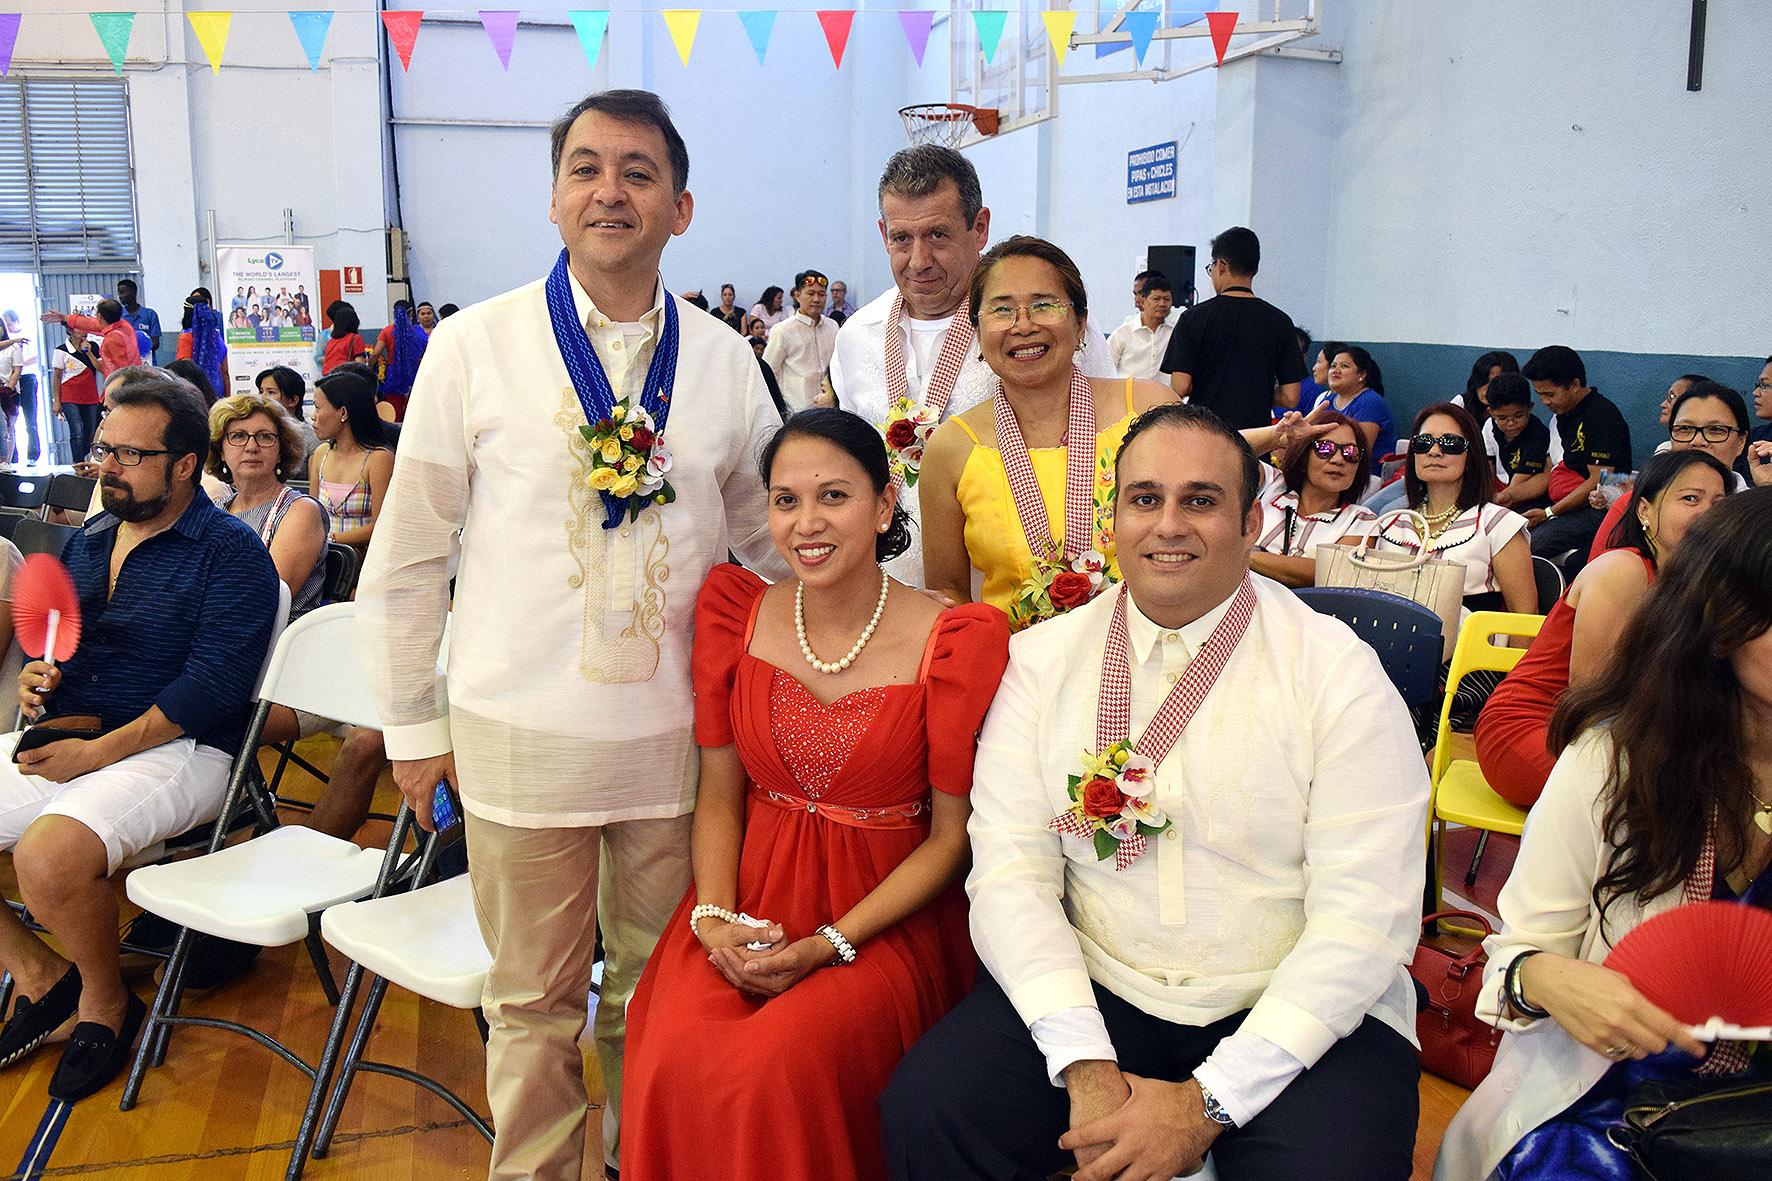 El alcalde de Santa Cruz de Tenerife, José Manuel Bermúdez en la fiesta filipina